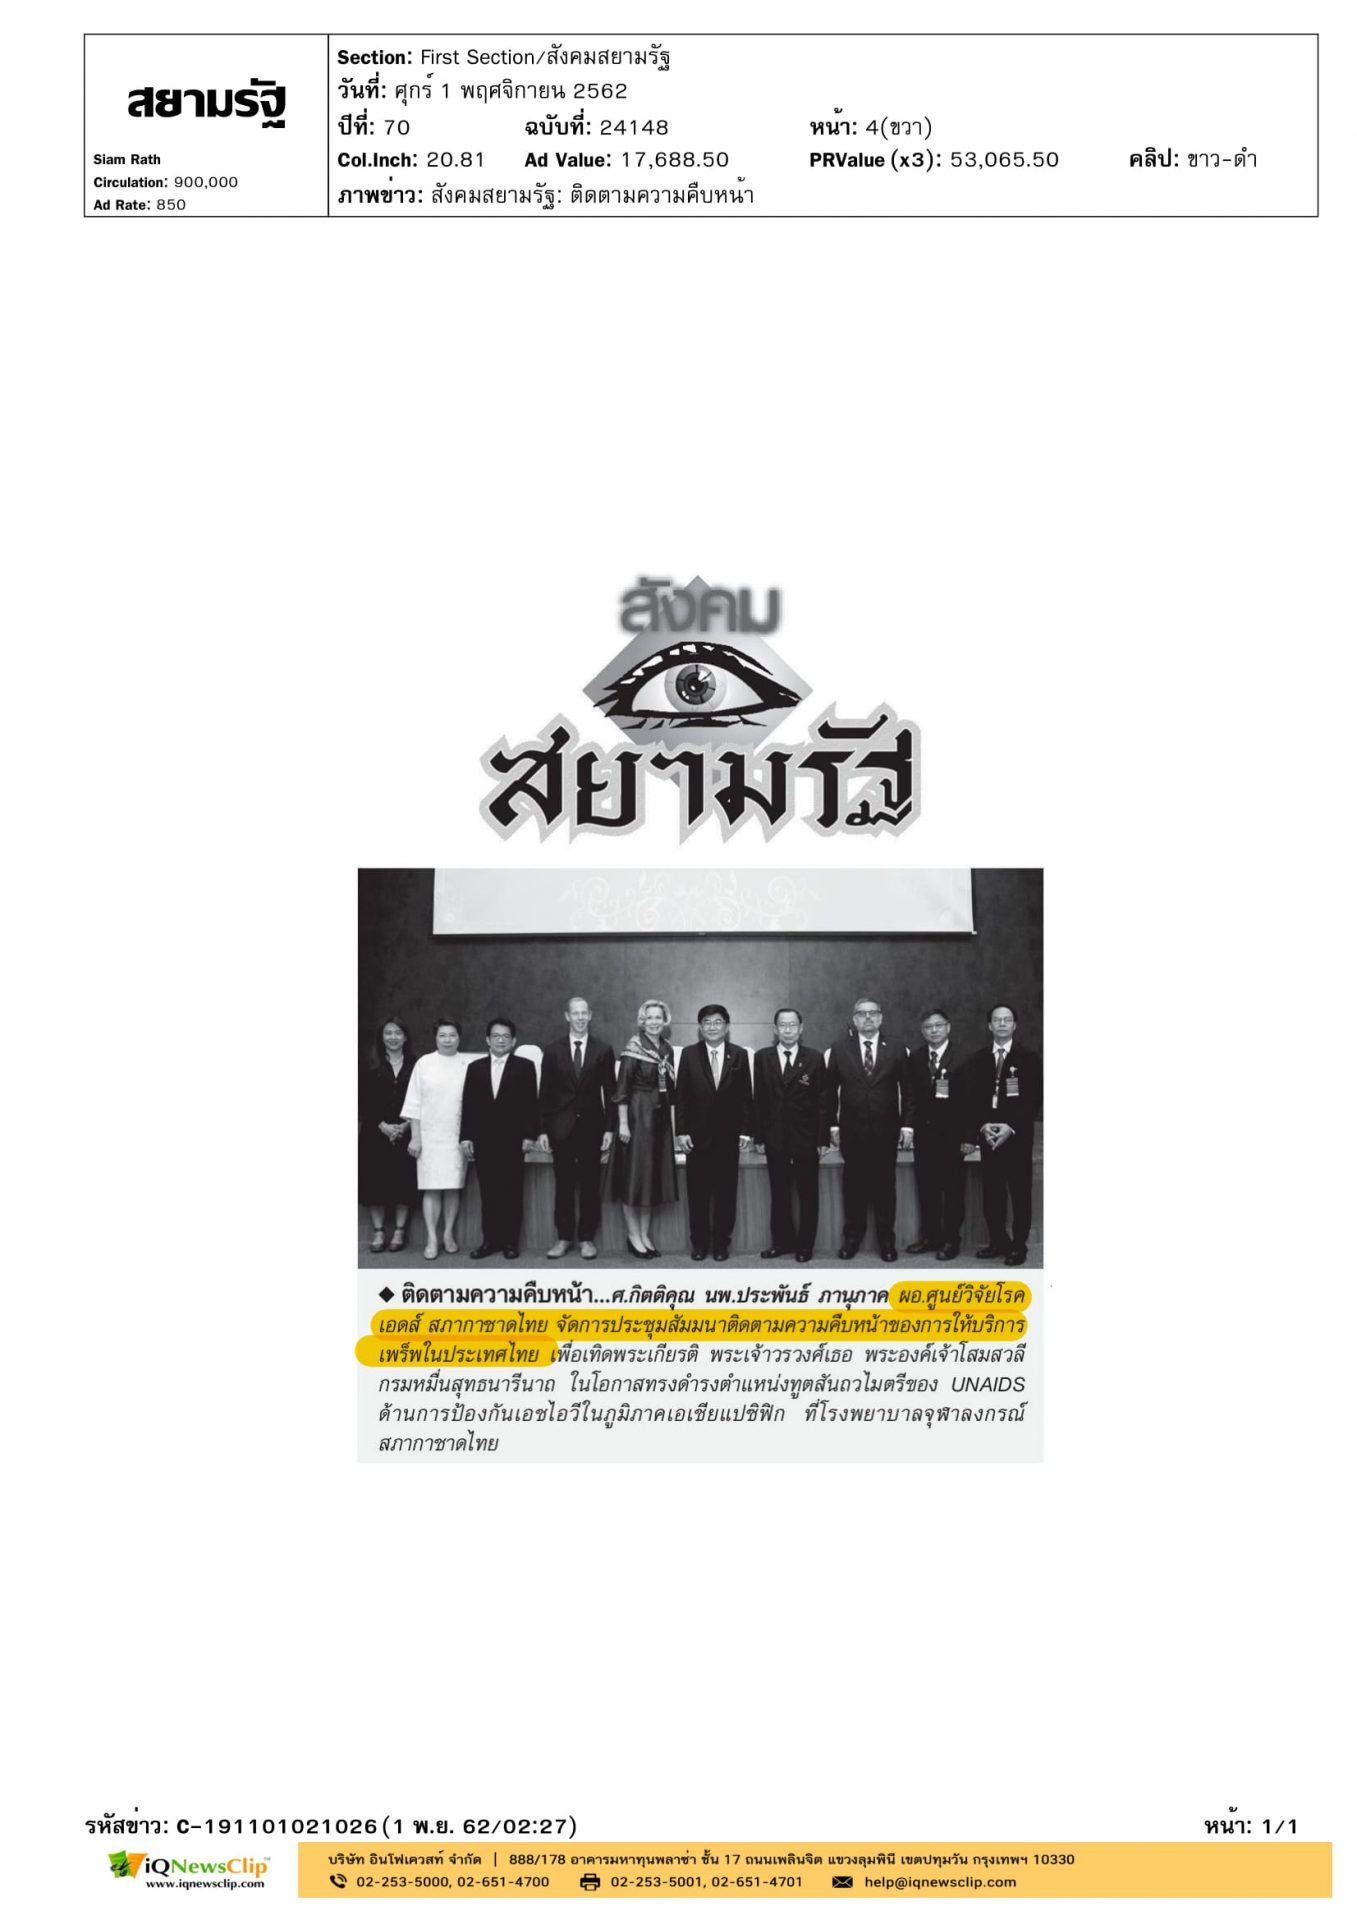 ประชุมสัมมนาติดตามความคืบหน้าของการให้บริการเพร็พในประเทศไทย